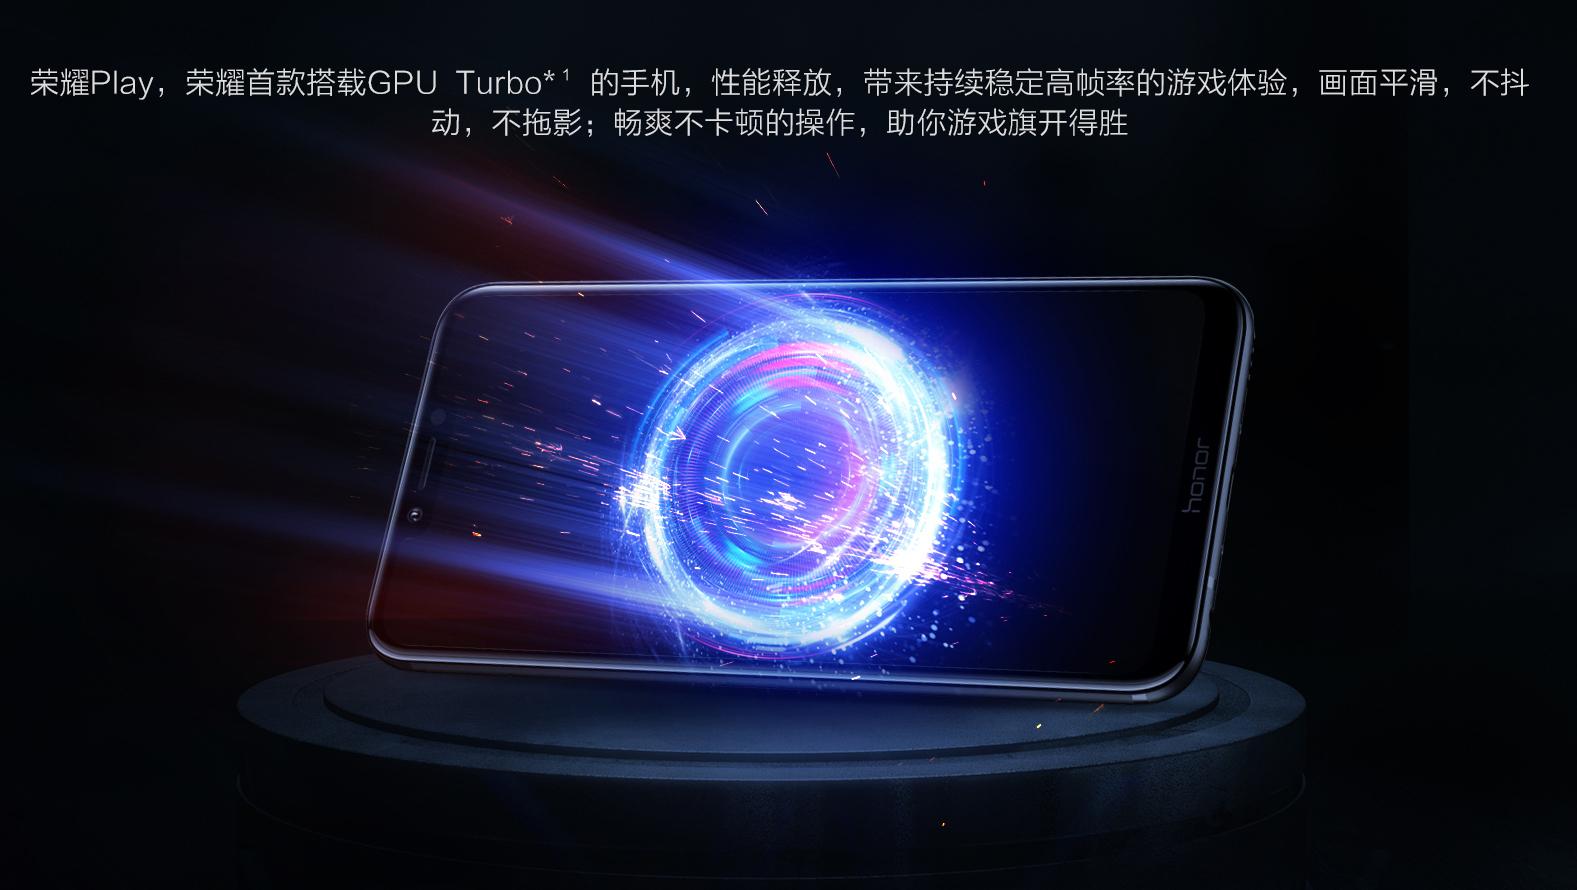 Huawei уточнила расписание обновлений смартфонов дотехнологии GPU Turbo